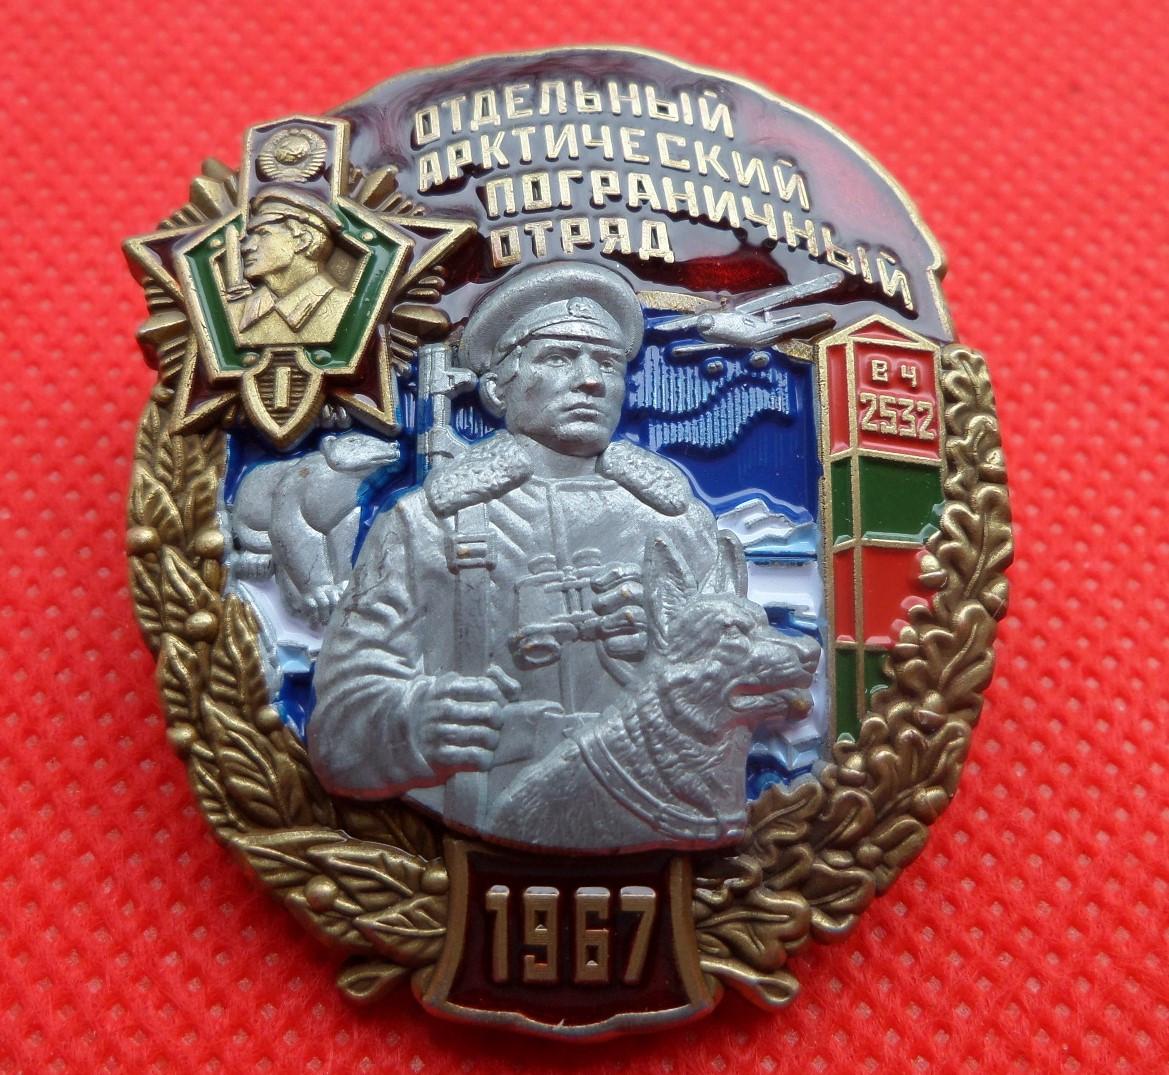 Знак Окремий Арктичний прикордонний загін прикордонні війська КДБ СРСР